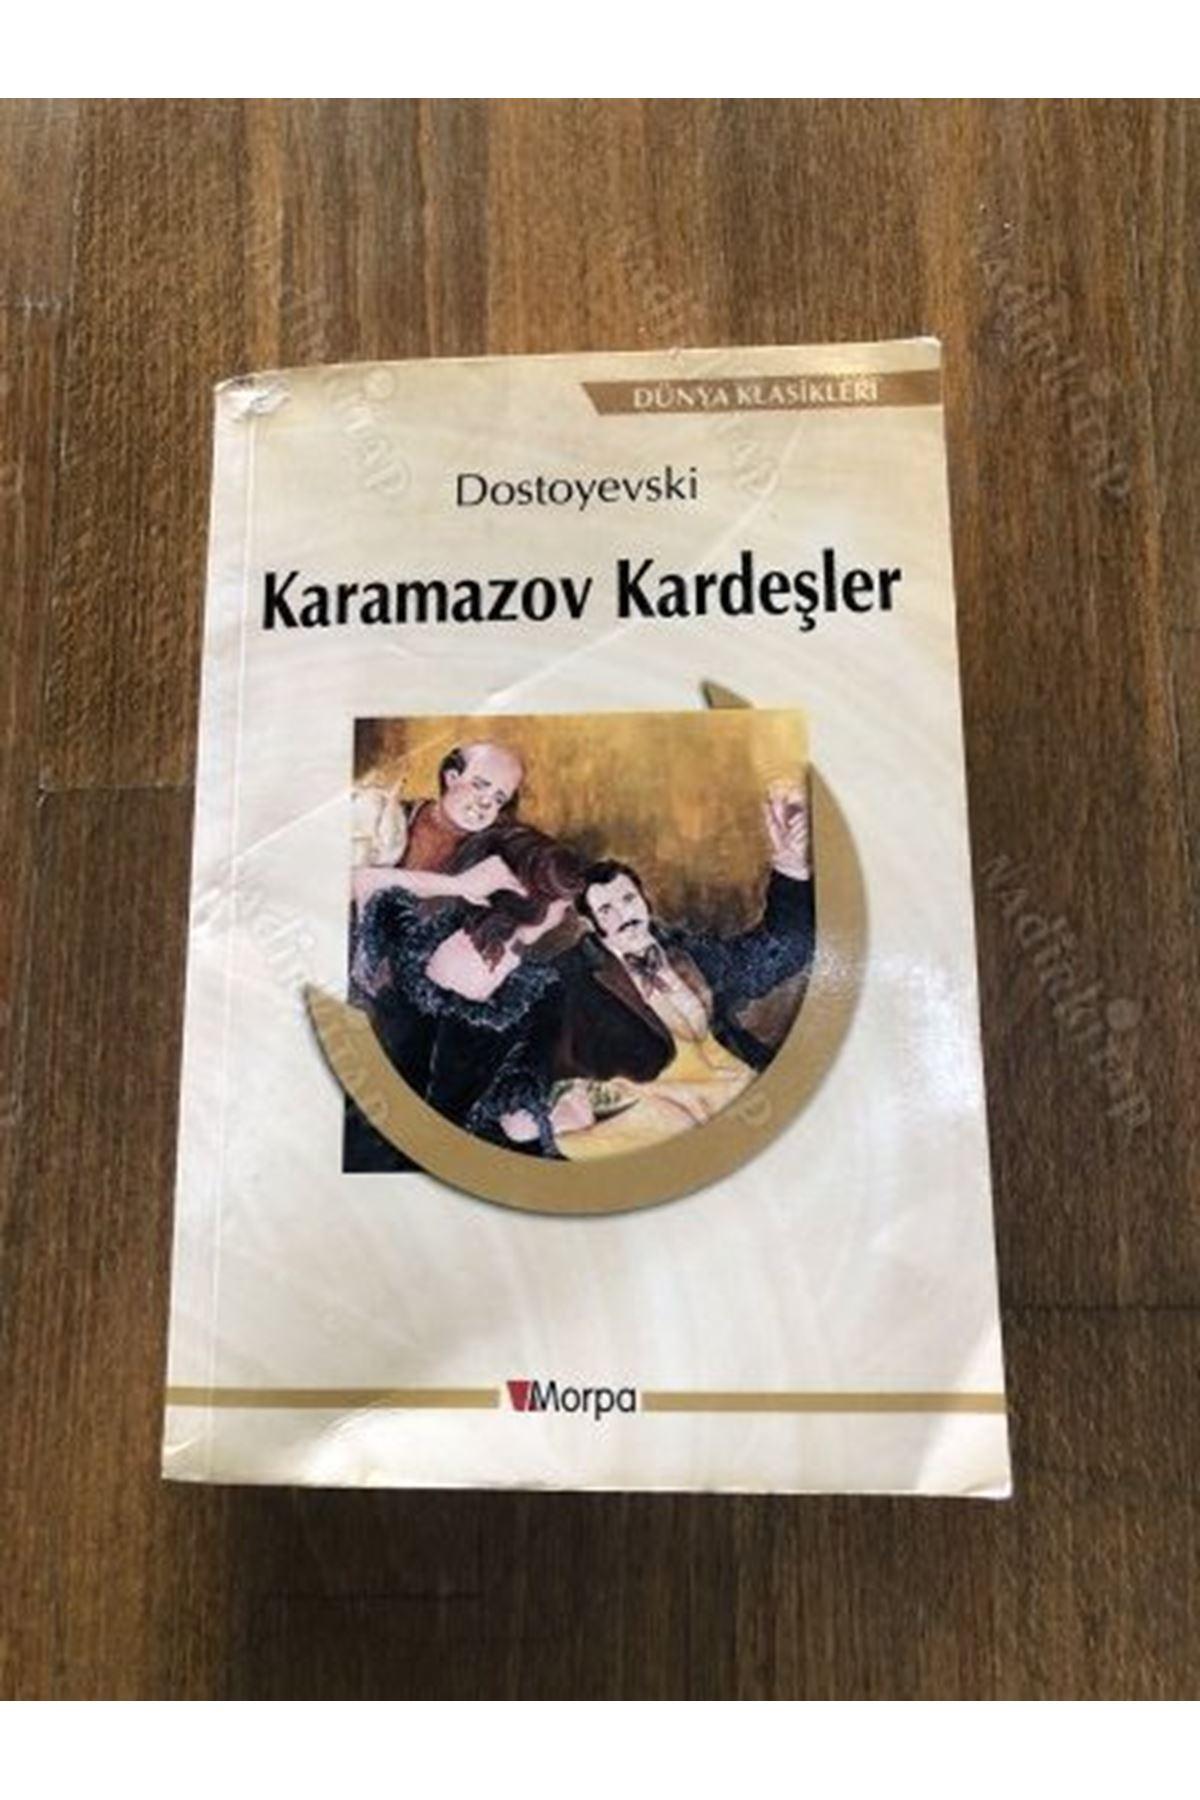 DOSTOYEVSKİ - KARAMAZOV KARDEŞLER